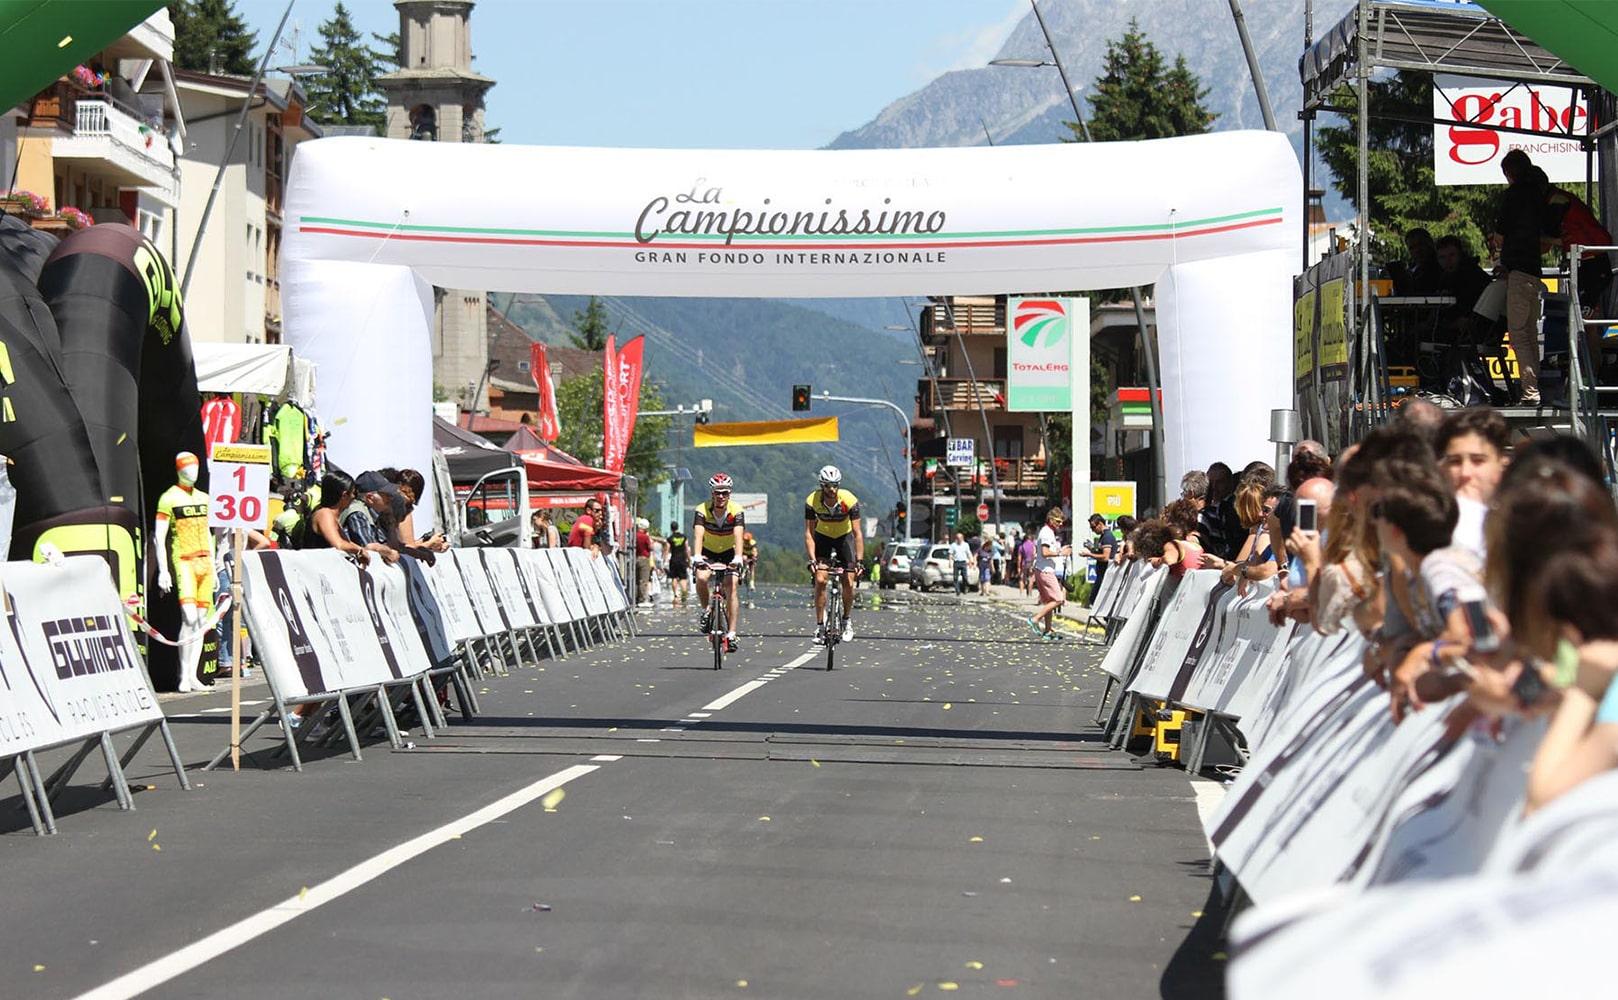 グランフォンド La Campionissimo 2015 参戦記 前編